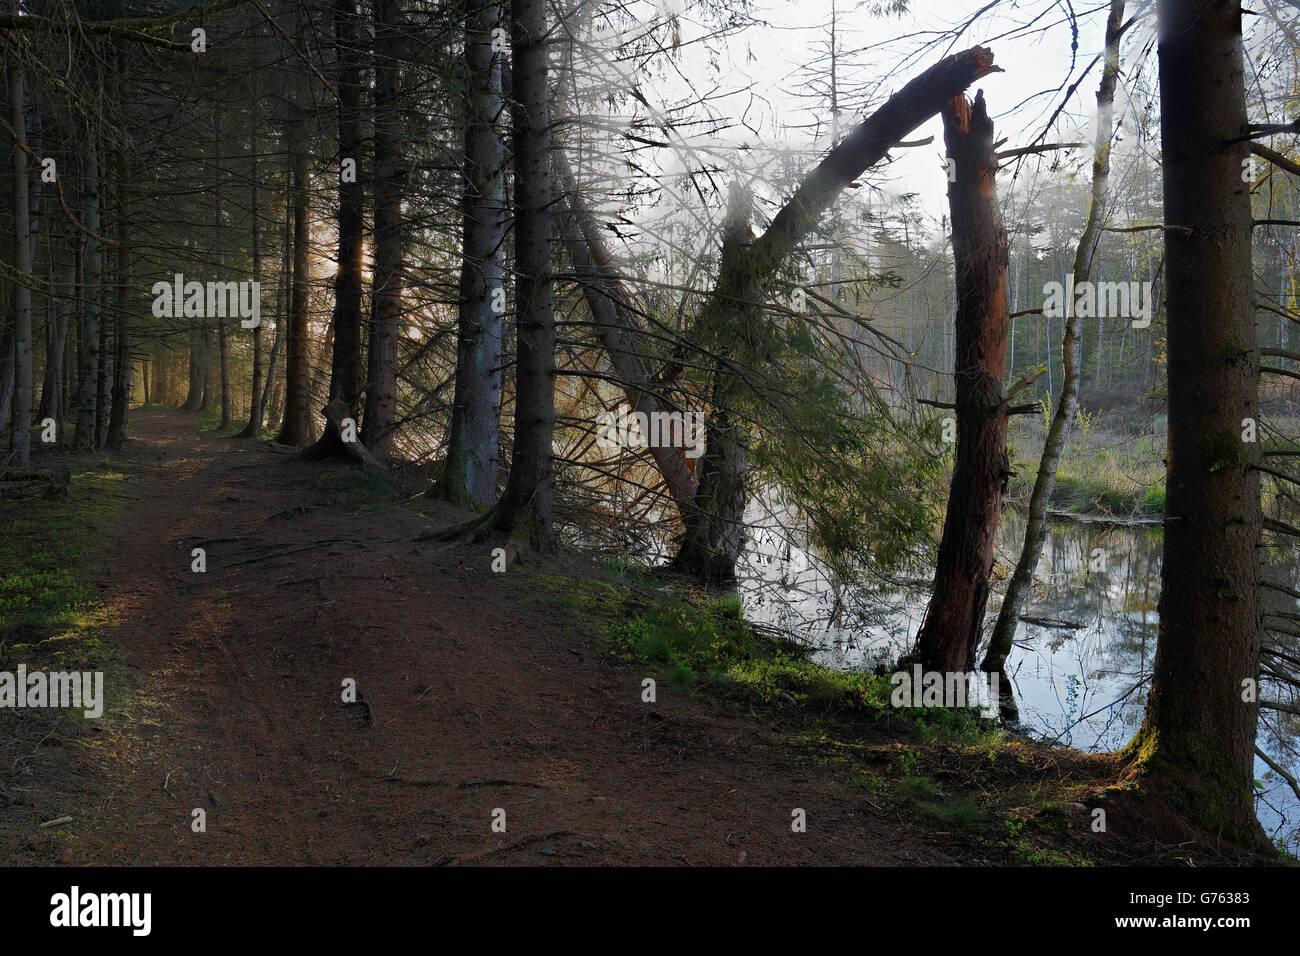 Waldweg, Bannwald, Schutzwald, Waldschutzgebiet, Moorsee, Pfrunger-Burgweiler Ried, Baden-Wuerttemberg, Deutschland Stock Photo